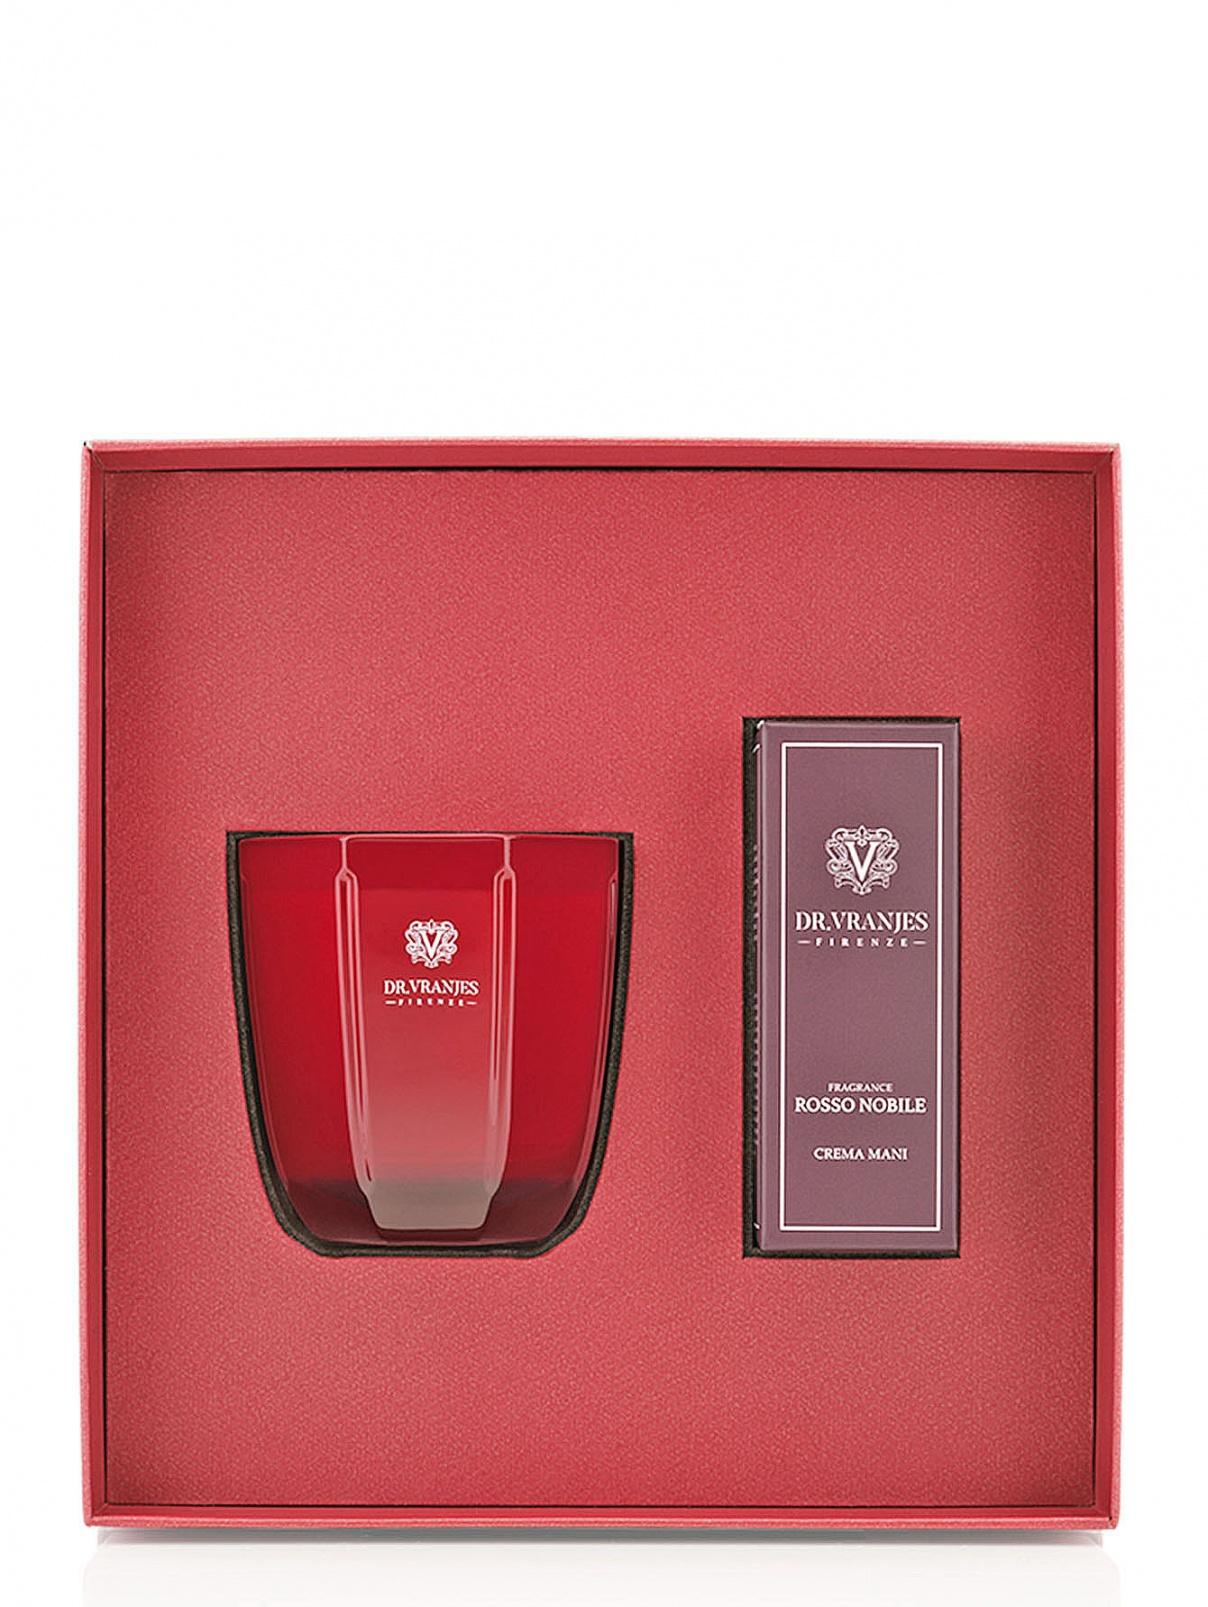 Набор свеча 200 г и крем для рук Rosso Nobile Home Fragrance Dr. Vranjes  –  Общий вид